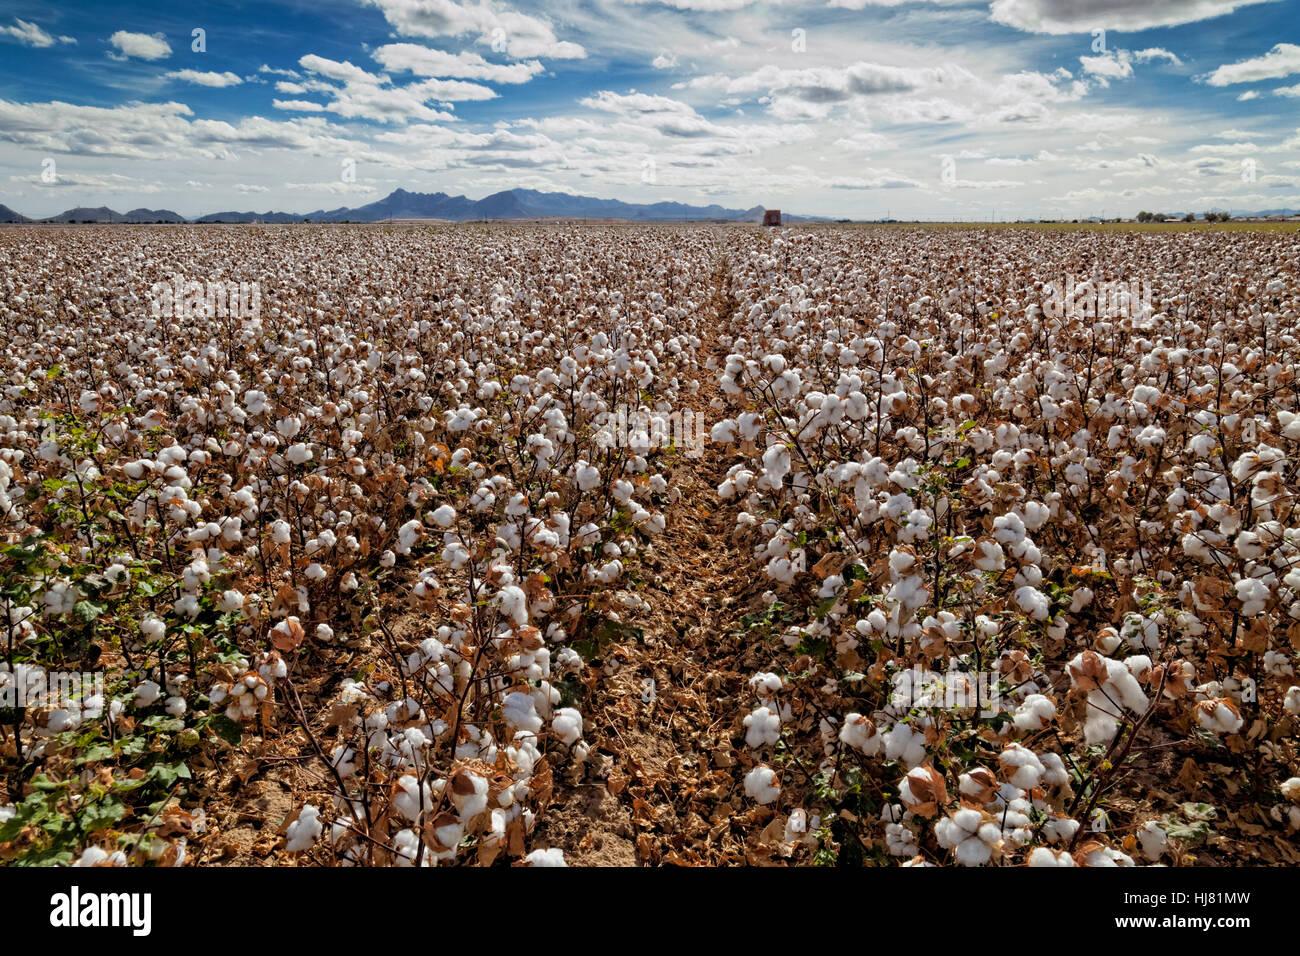 Récolte de coton - Agriculture - Marana, Arizona Photo Stock